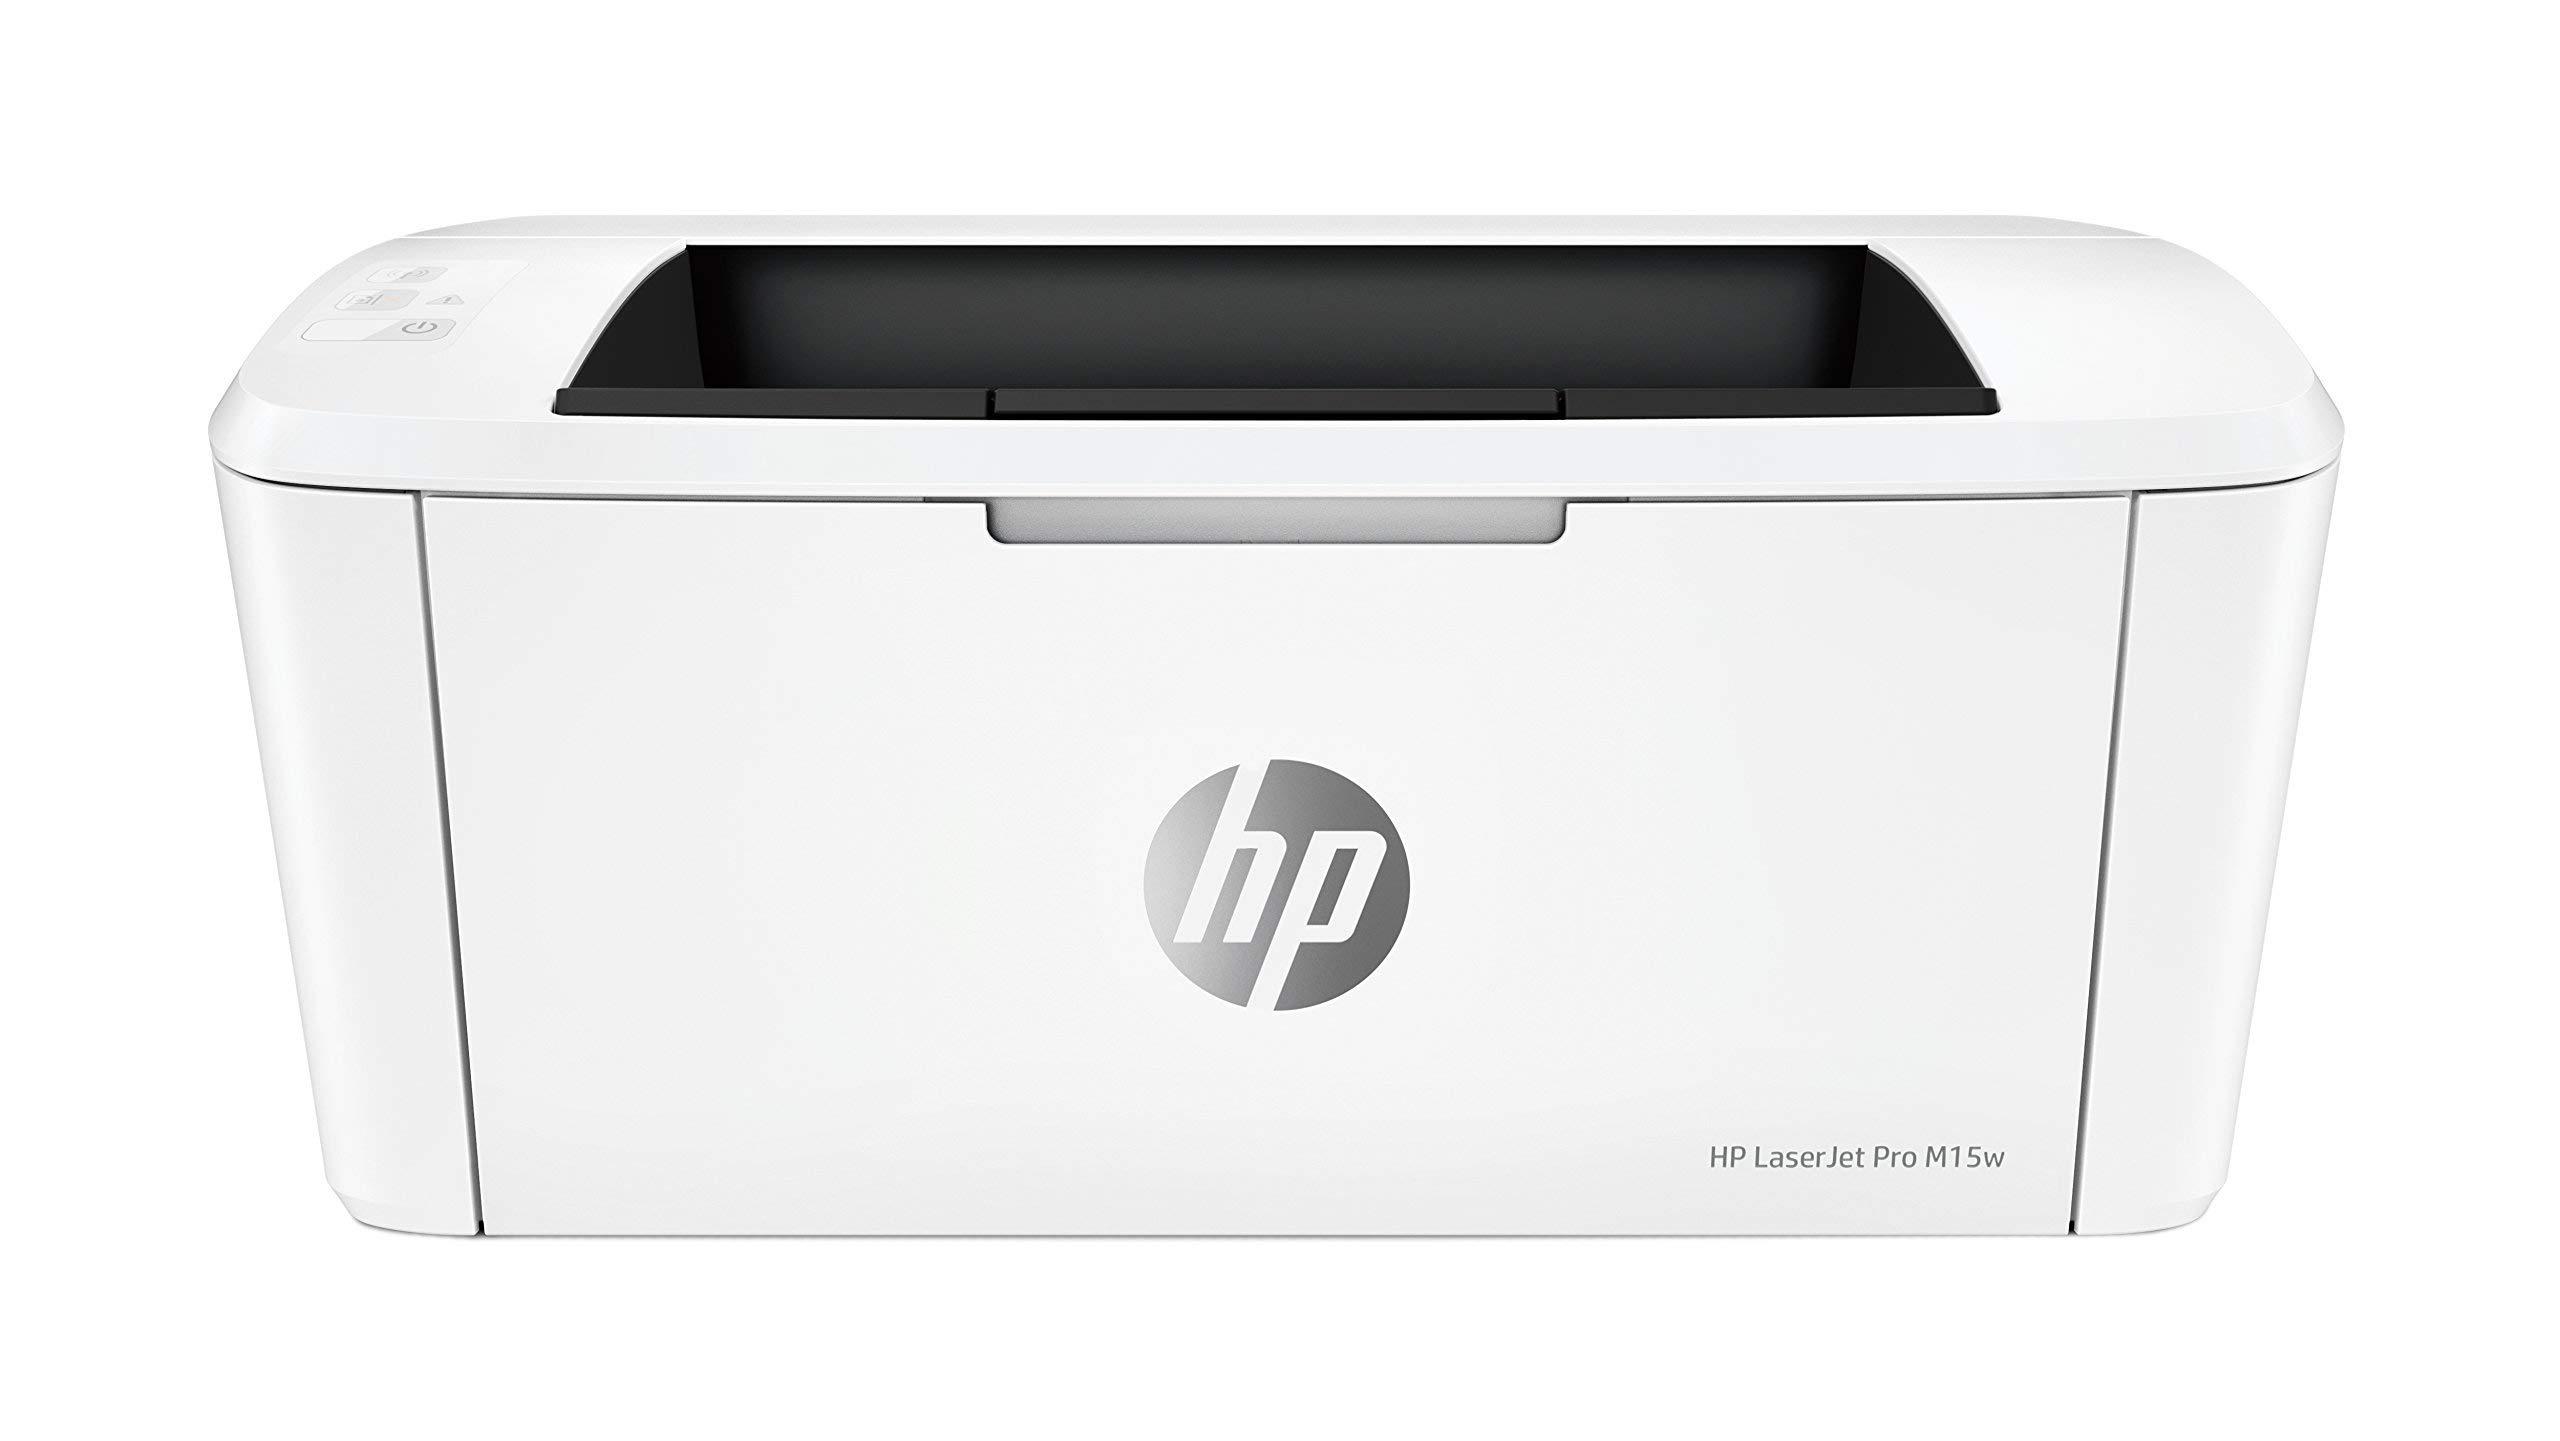 HP Laserjet Pro M15w Wireless Laser Printer (W2G51A) (Certified Refurbished)